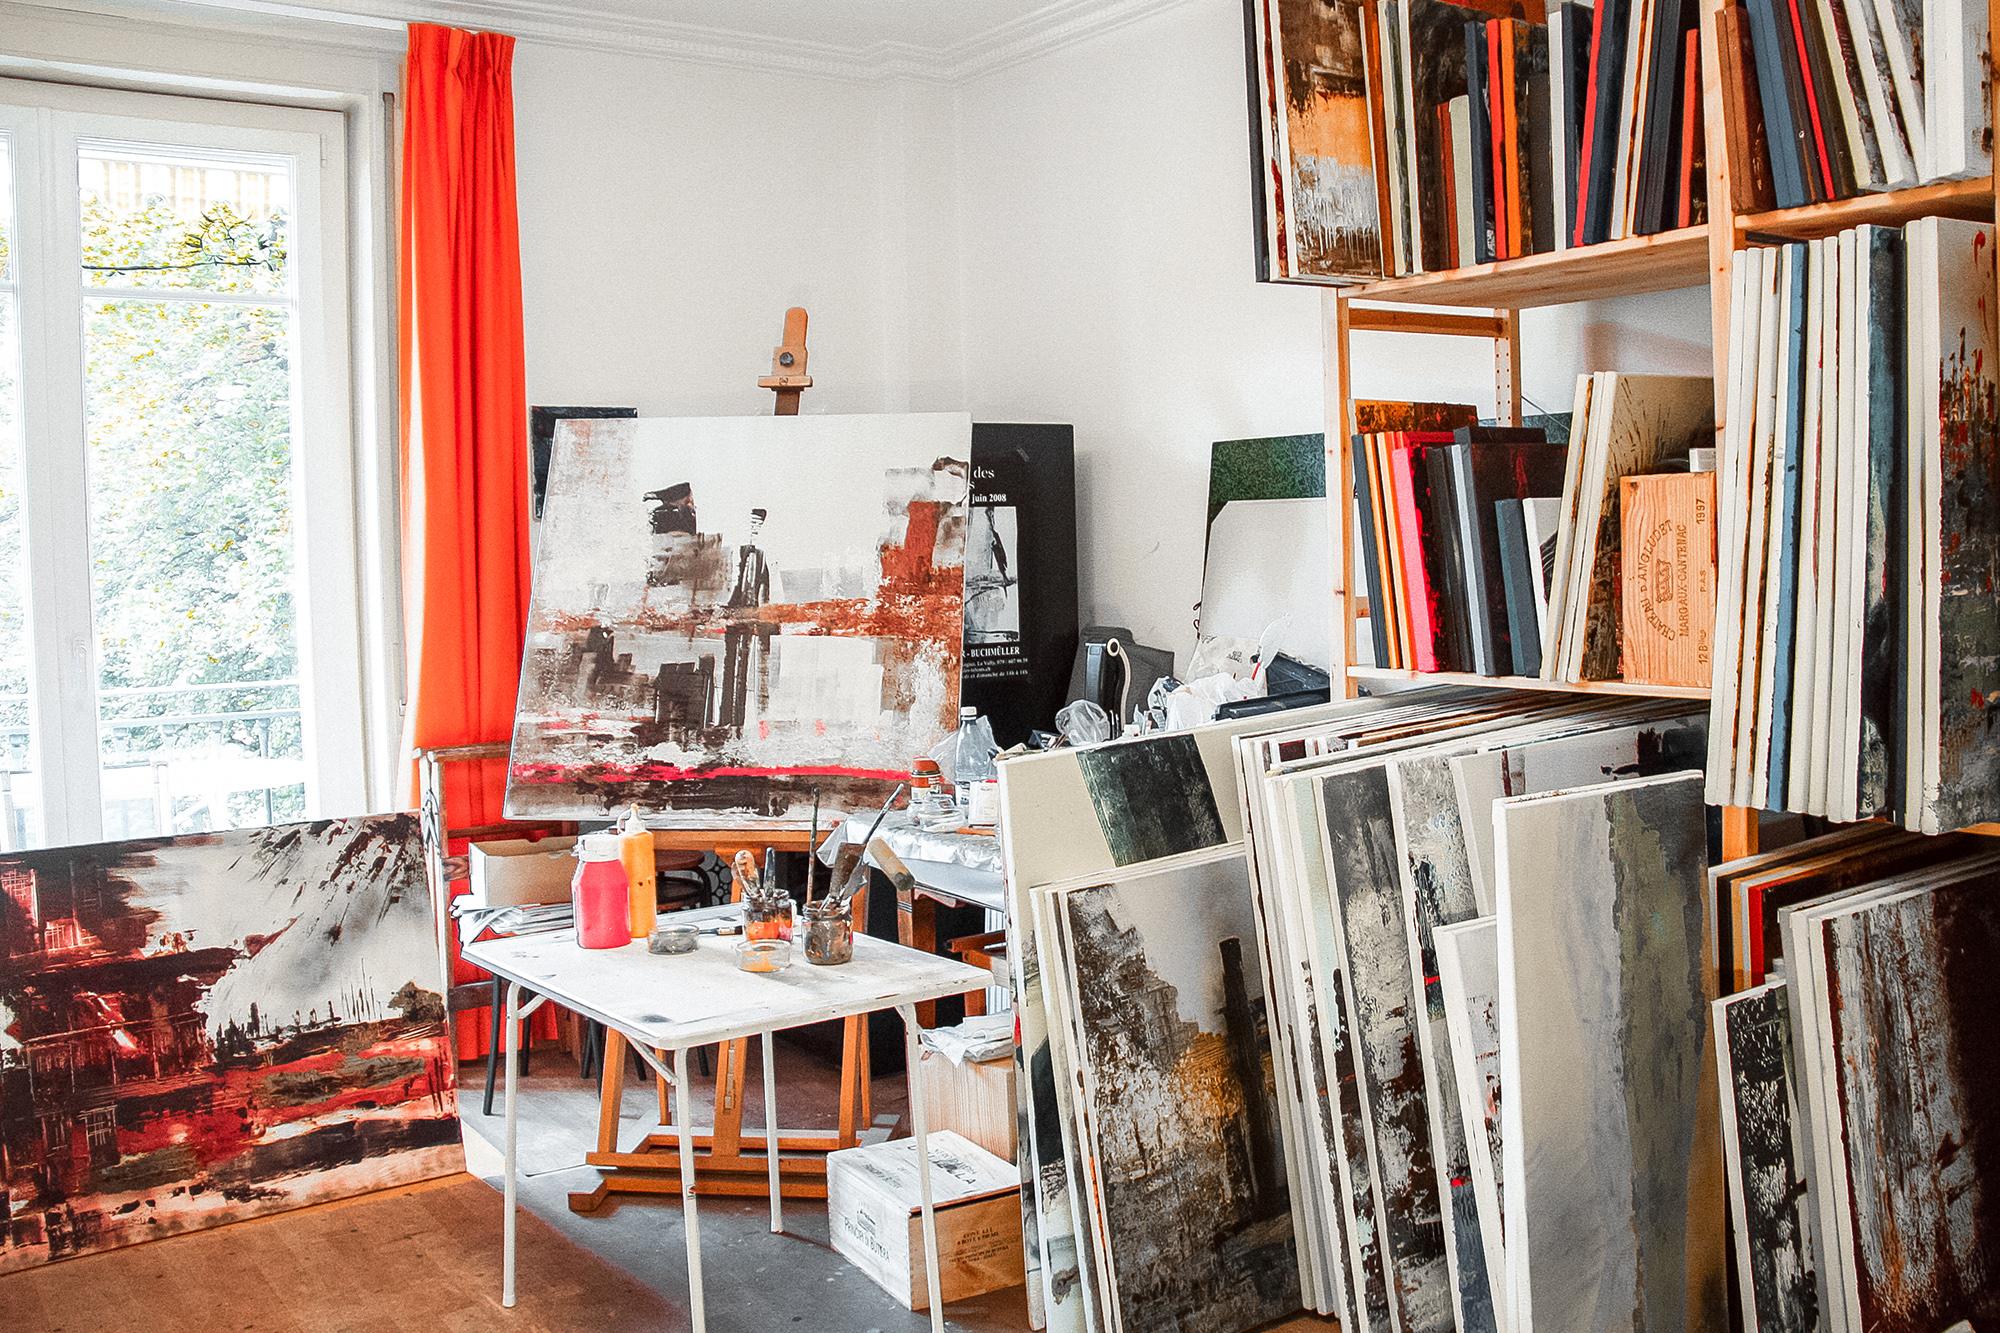 atelier de l'artiste peintre lausannoise Yolande Buchmüller Rouiller